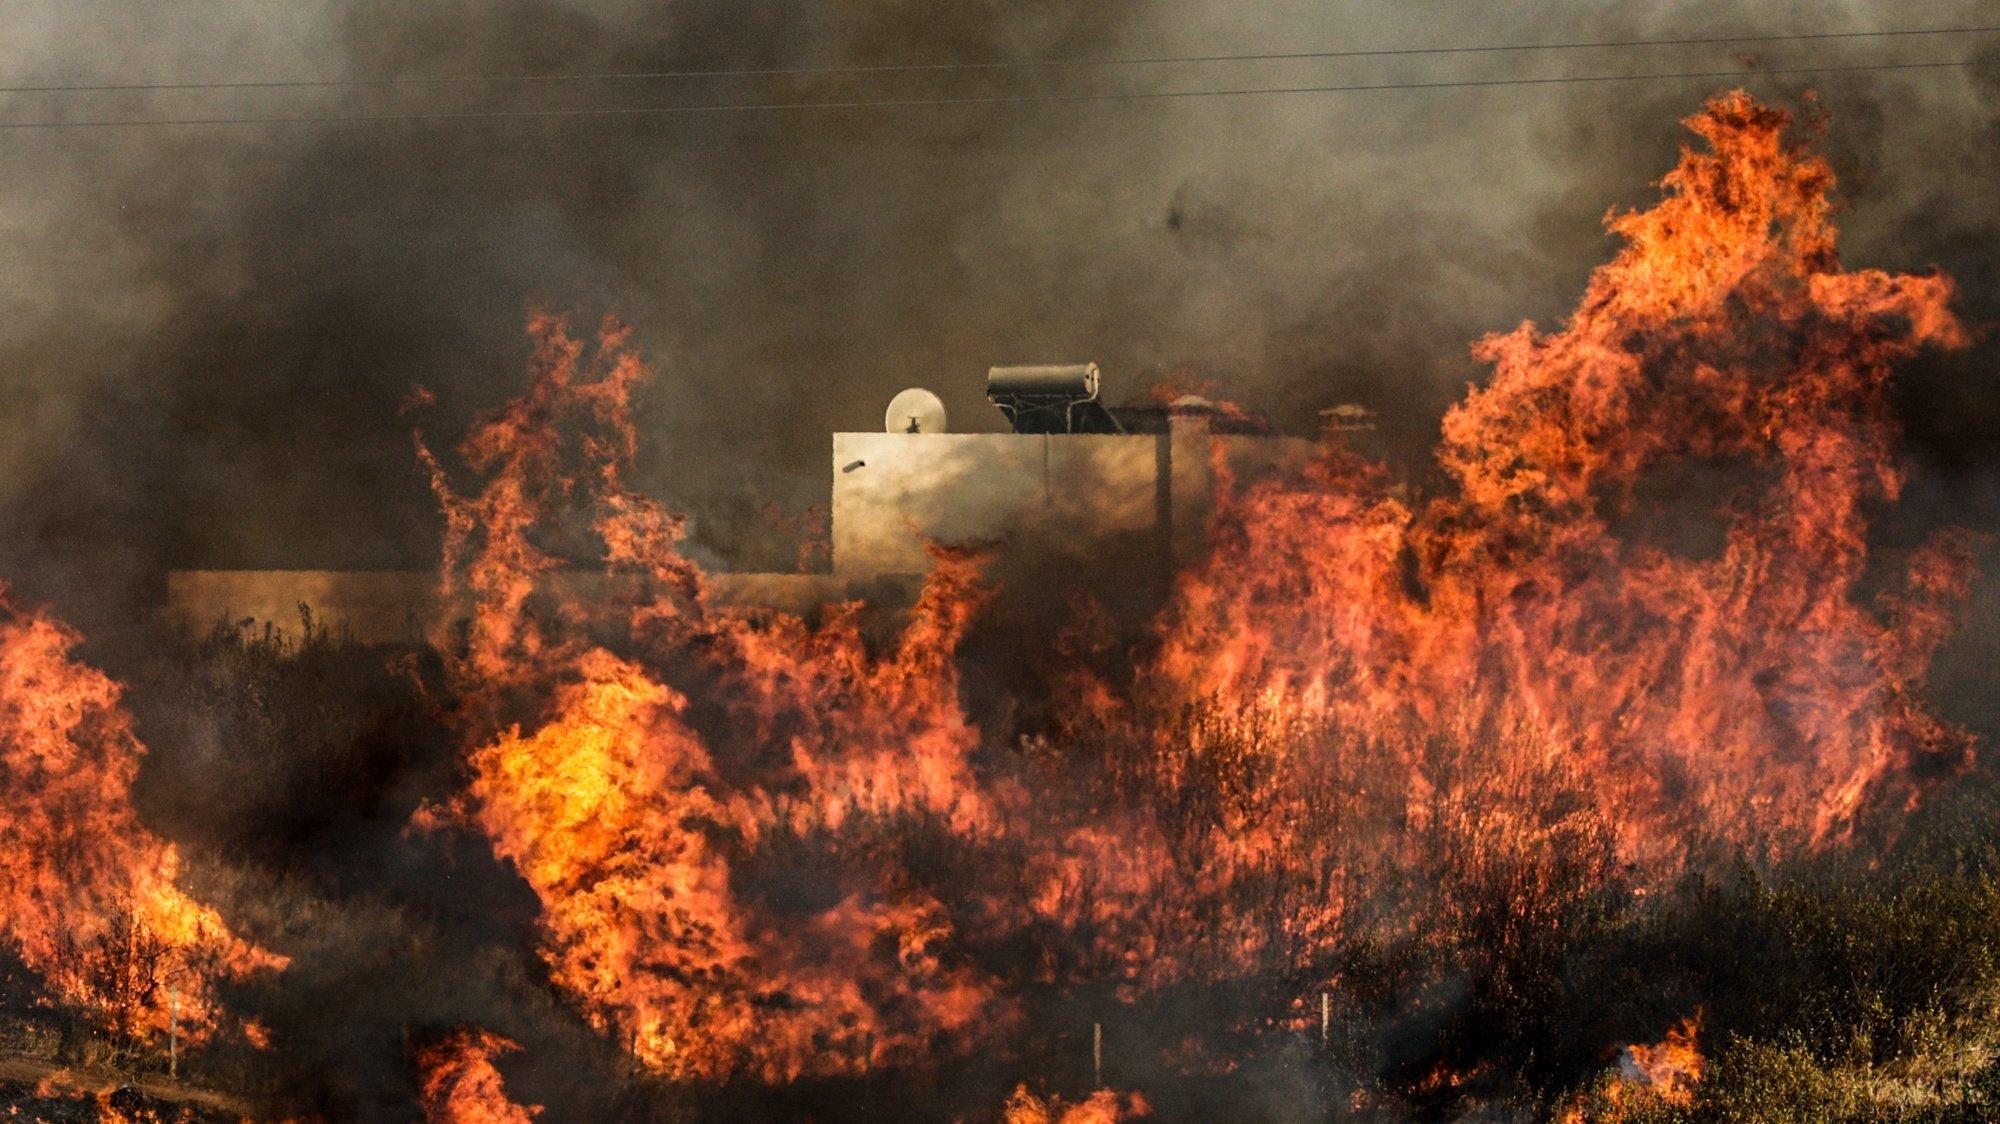 """O incêndio que deflagrou de madrugada em Odeleite, no concelho de Castro Marim, no Algarve, teve um reacendimento """"forte"""" esta tarde e esperam-se horas""""de muito trabalho"""" para os operacionais, revelou a Proteção Civil, Castro Marim, Faro, 16 de agosto de 2021. De acordo com a página da Internet da Autoridade Nacional de Emergência e Proteção Civil, estão no local 381 operacionais, com o apoio de 128 viaturas, além de 03 meios aéreos. LUÍS FORRA/LUSA"""